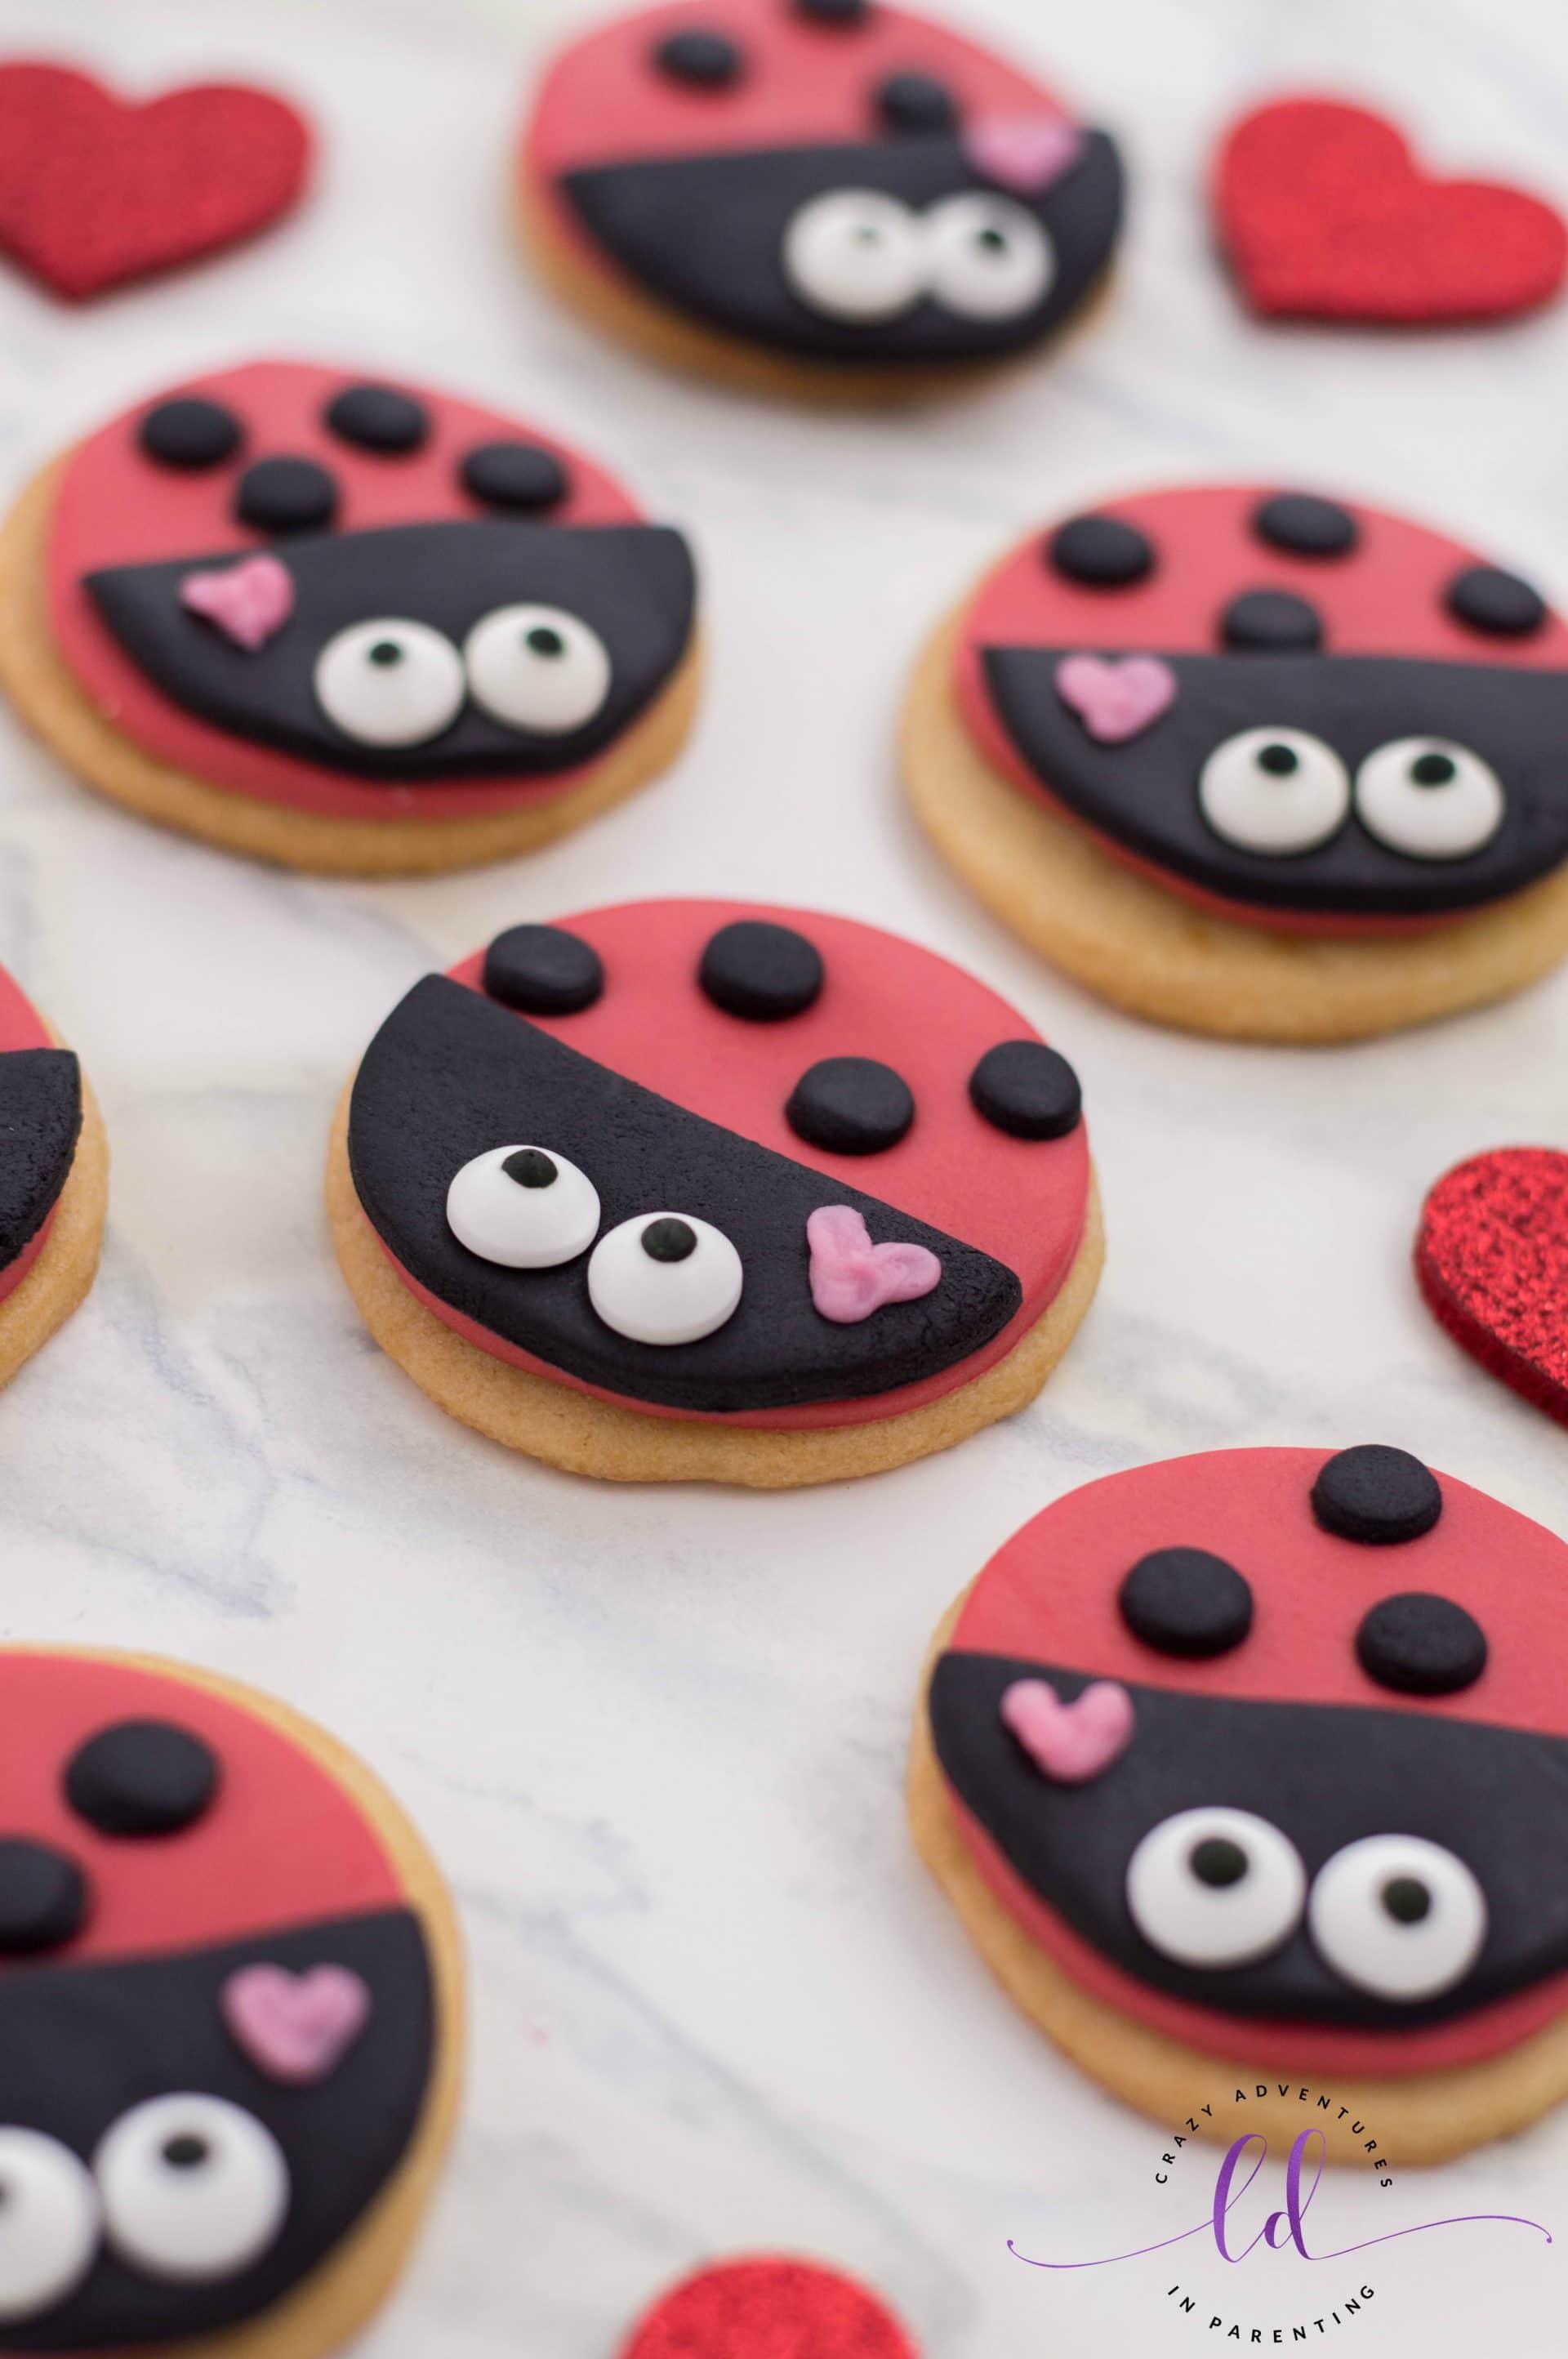 Valentine's Lovebug Ladybug Cookies